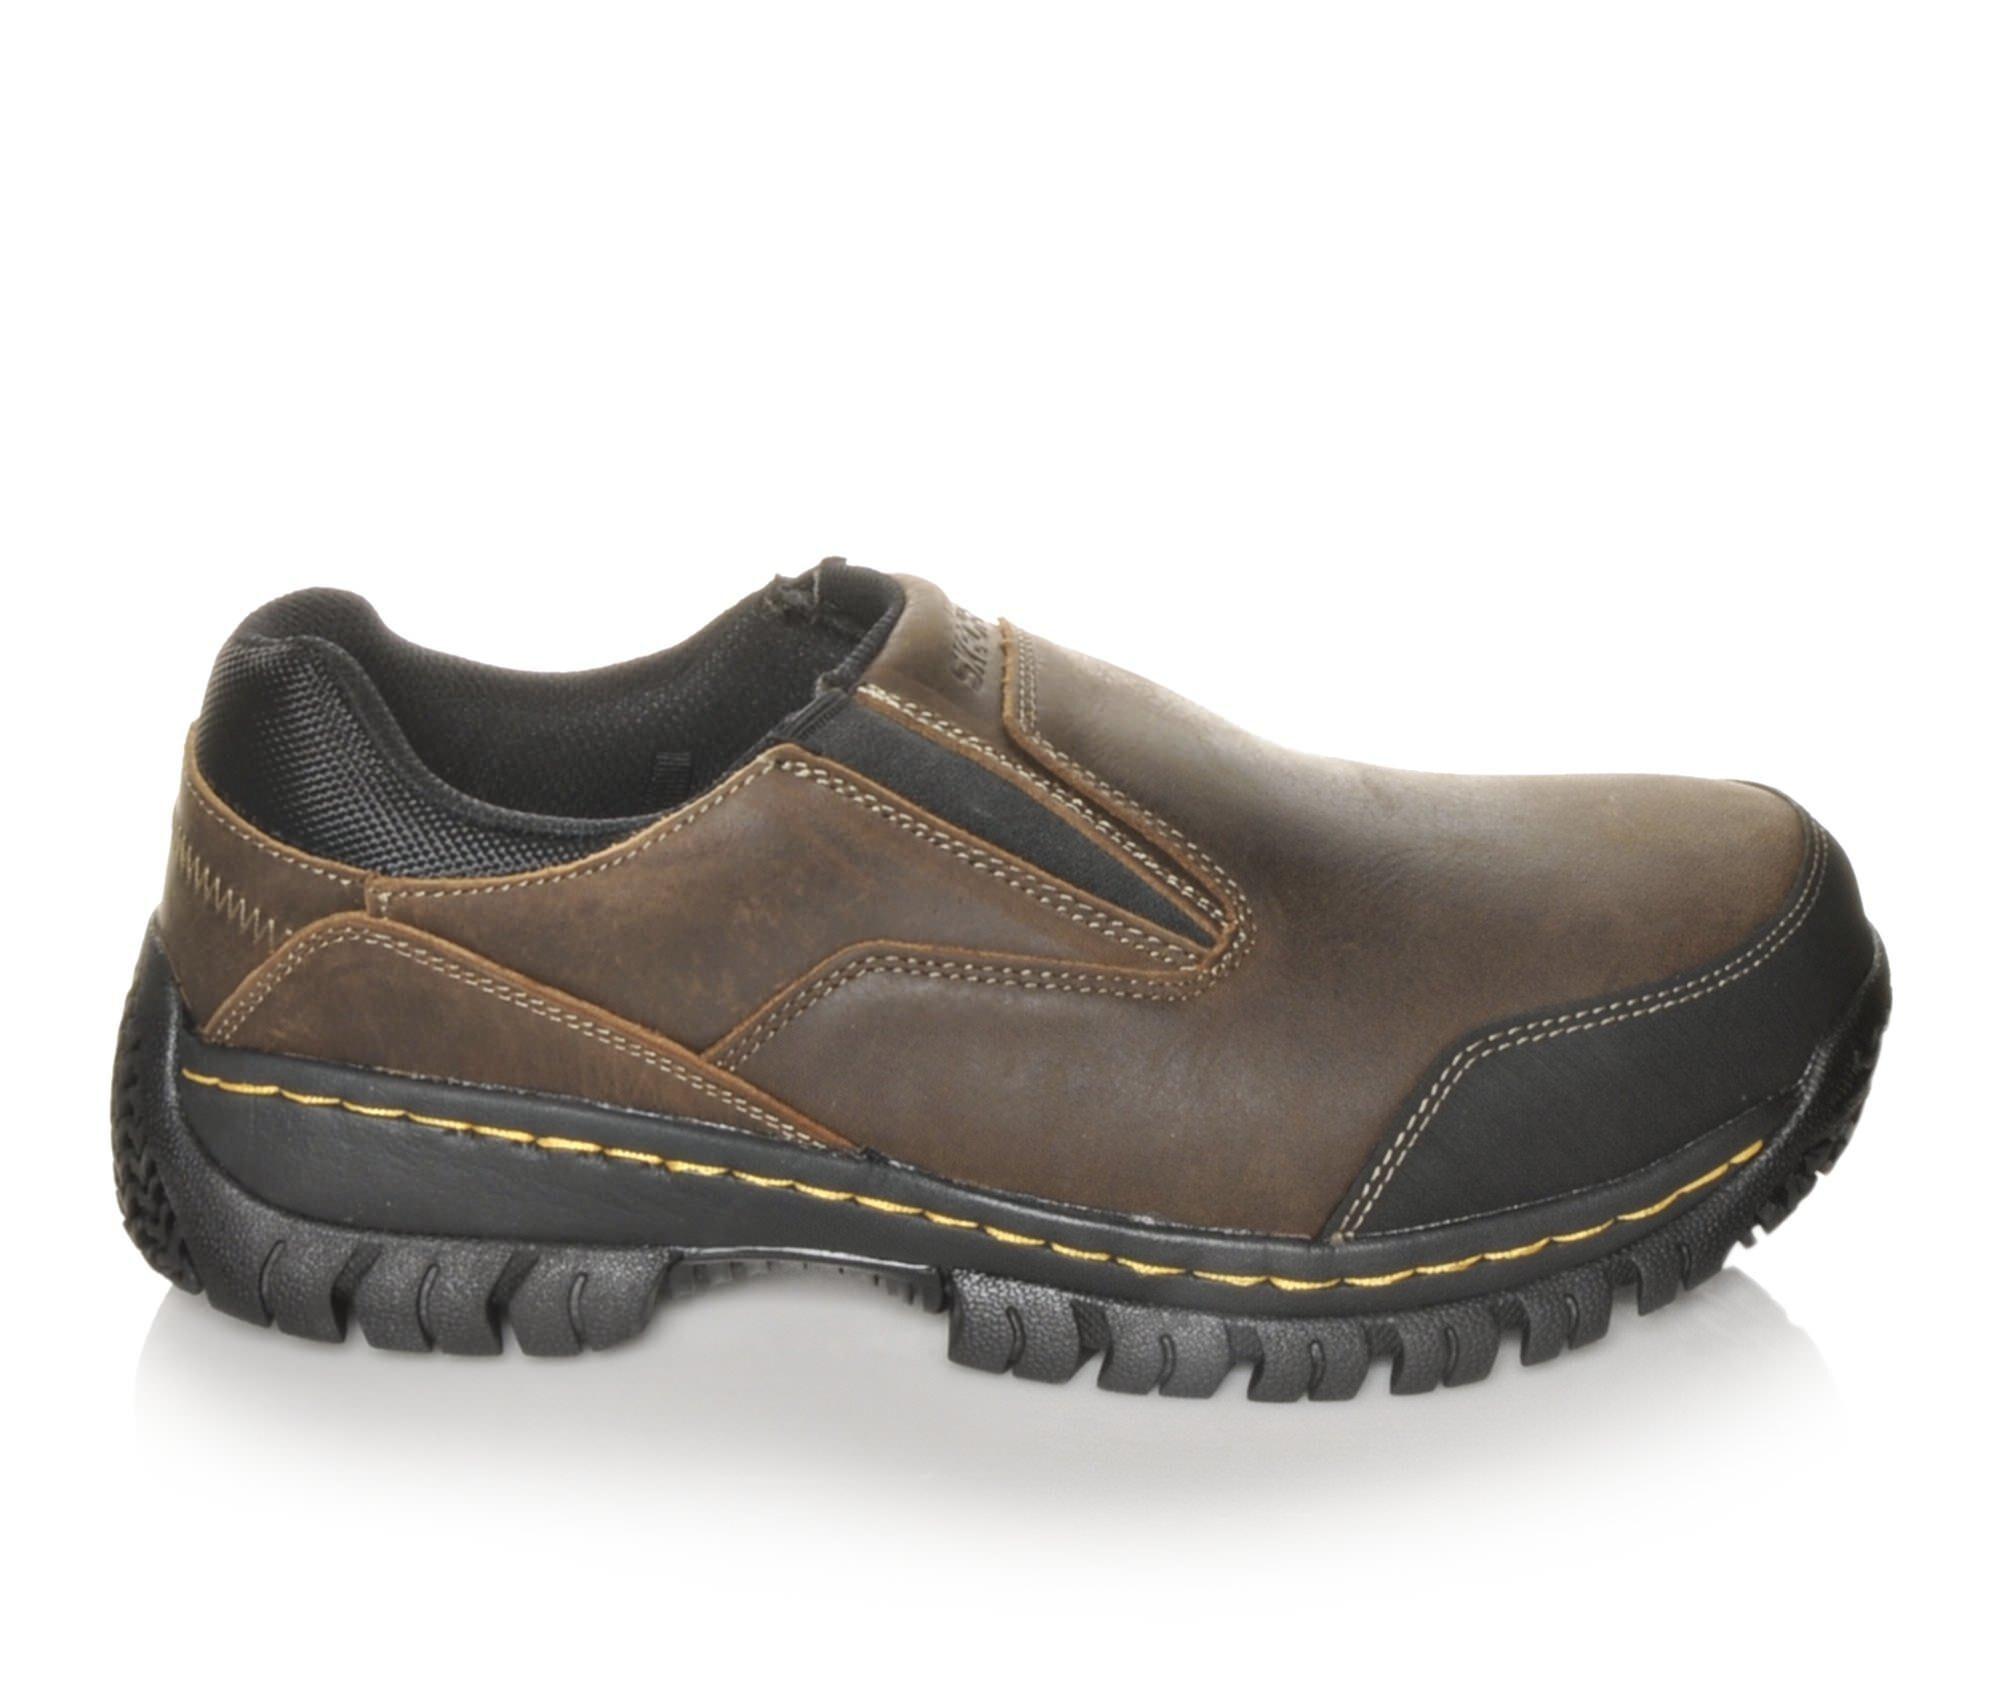 Men's Skechers Work 77066 Hartan Work Shoes visa payment sale online cheap sale professional cheap sale best sale collections cheap online ygveF